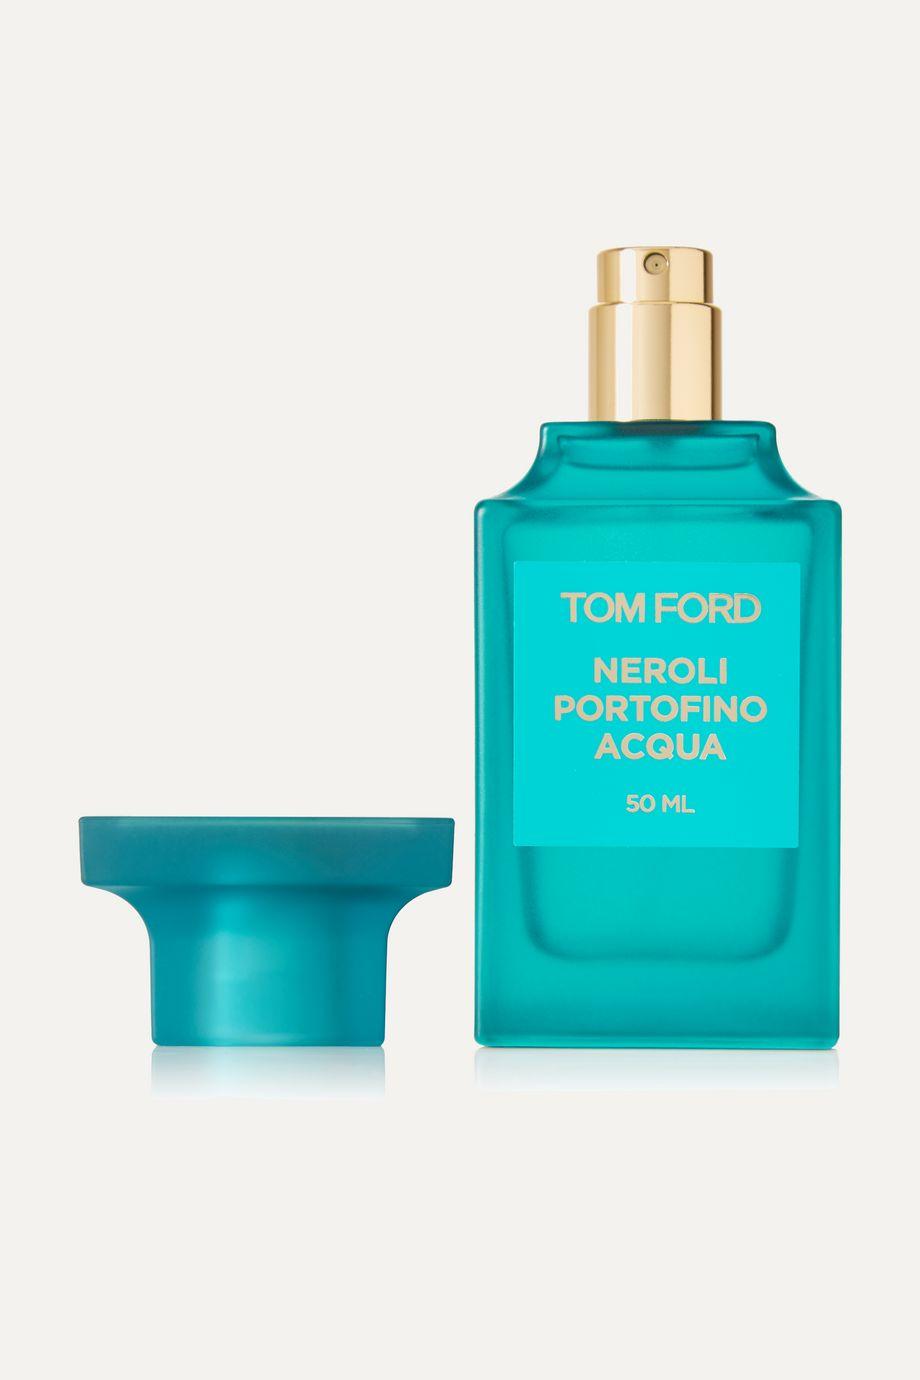 TOM FORD BEAUTY Neroli Portofino Aqua Eau de Toilette - Tunisian Neroli, Italian Bergamot & Sicilian Lemon, 50ml